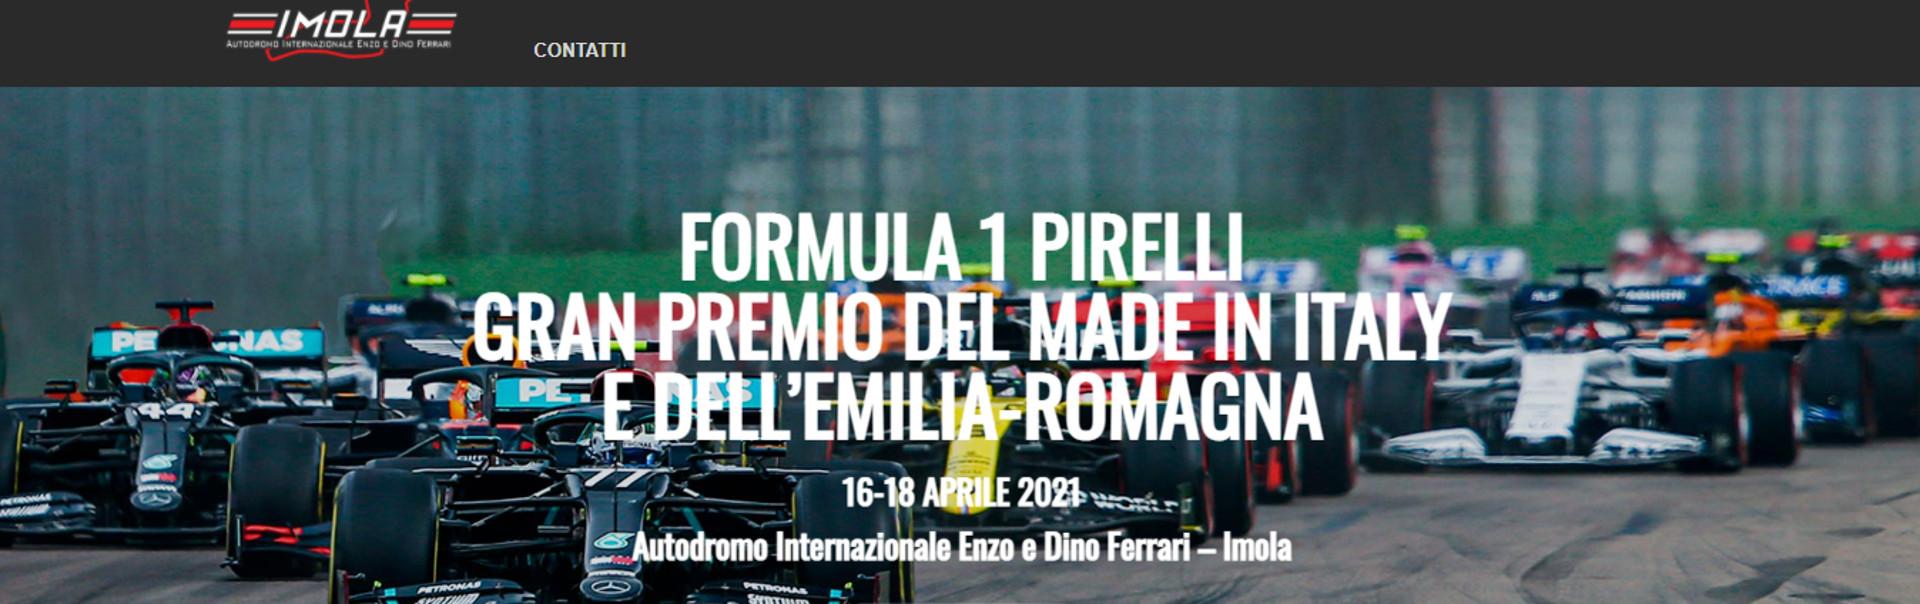 Immagine dal sito dell'autodromo di Imola